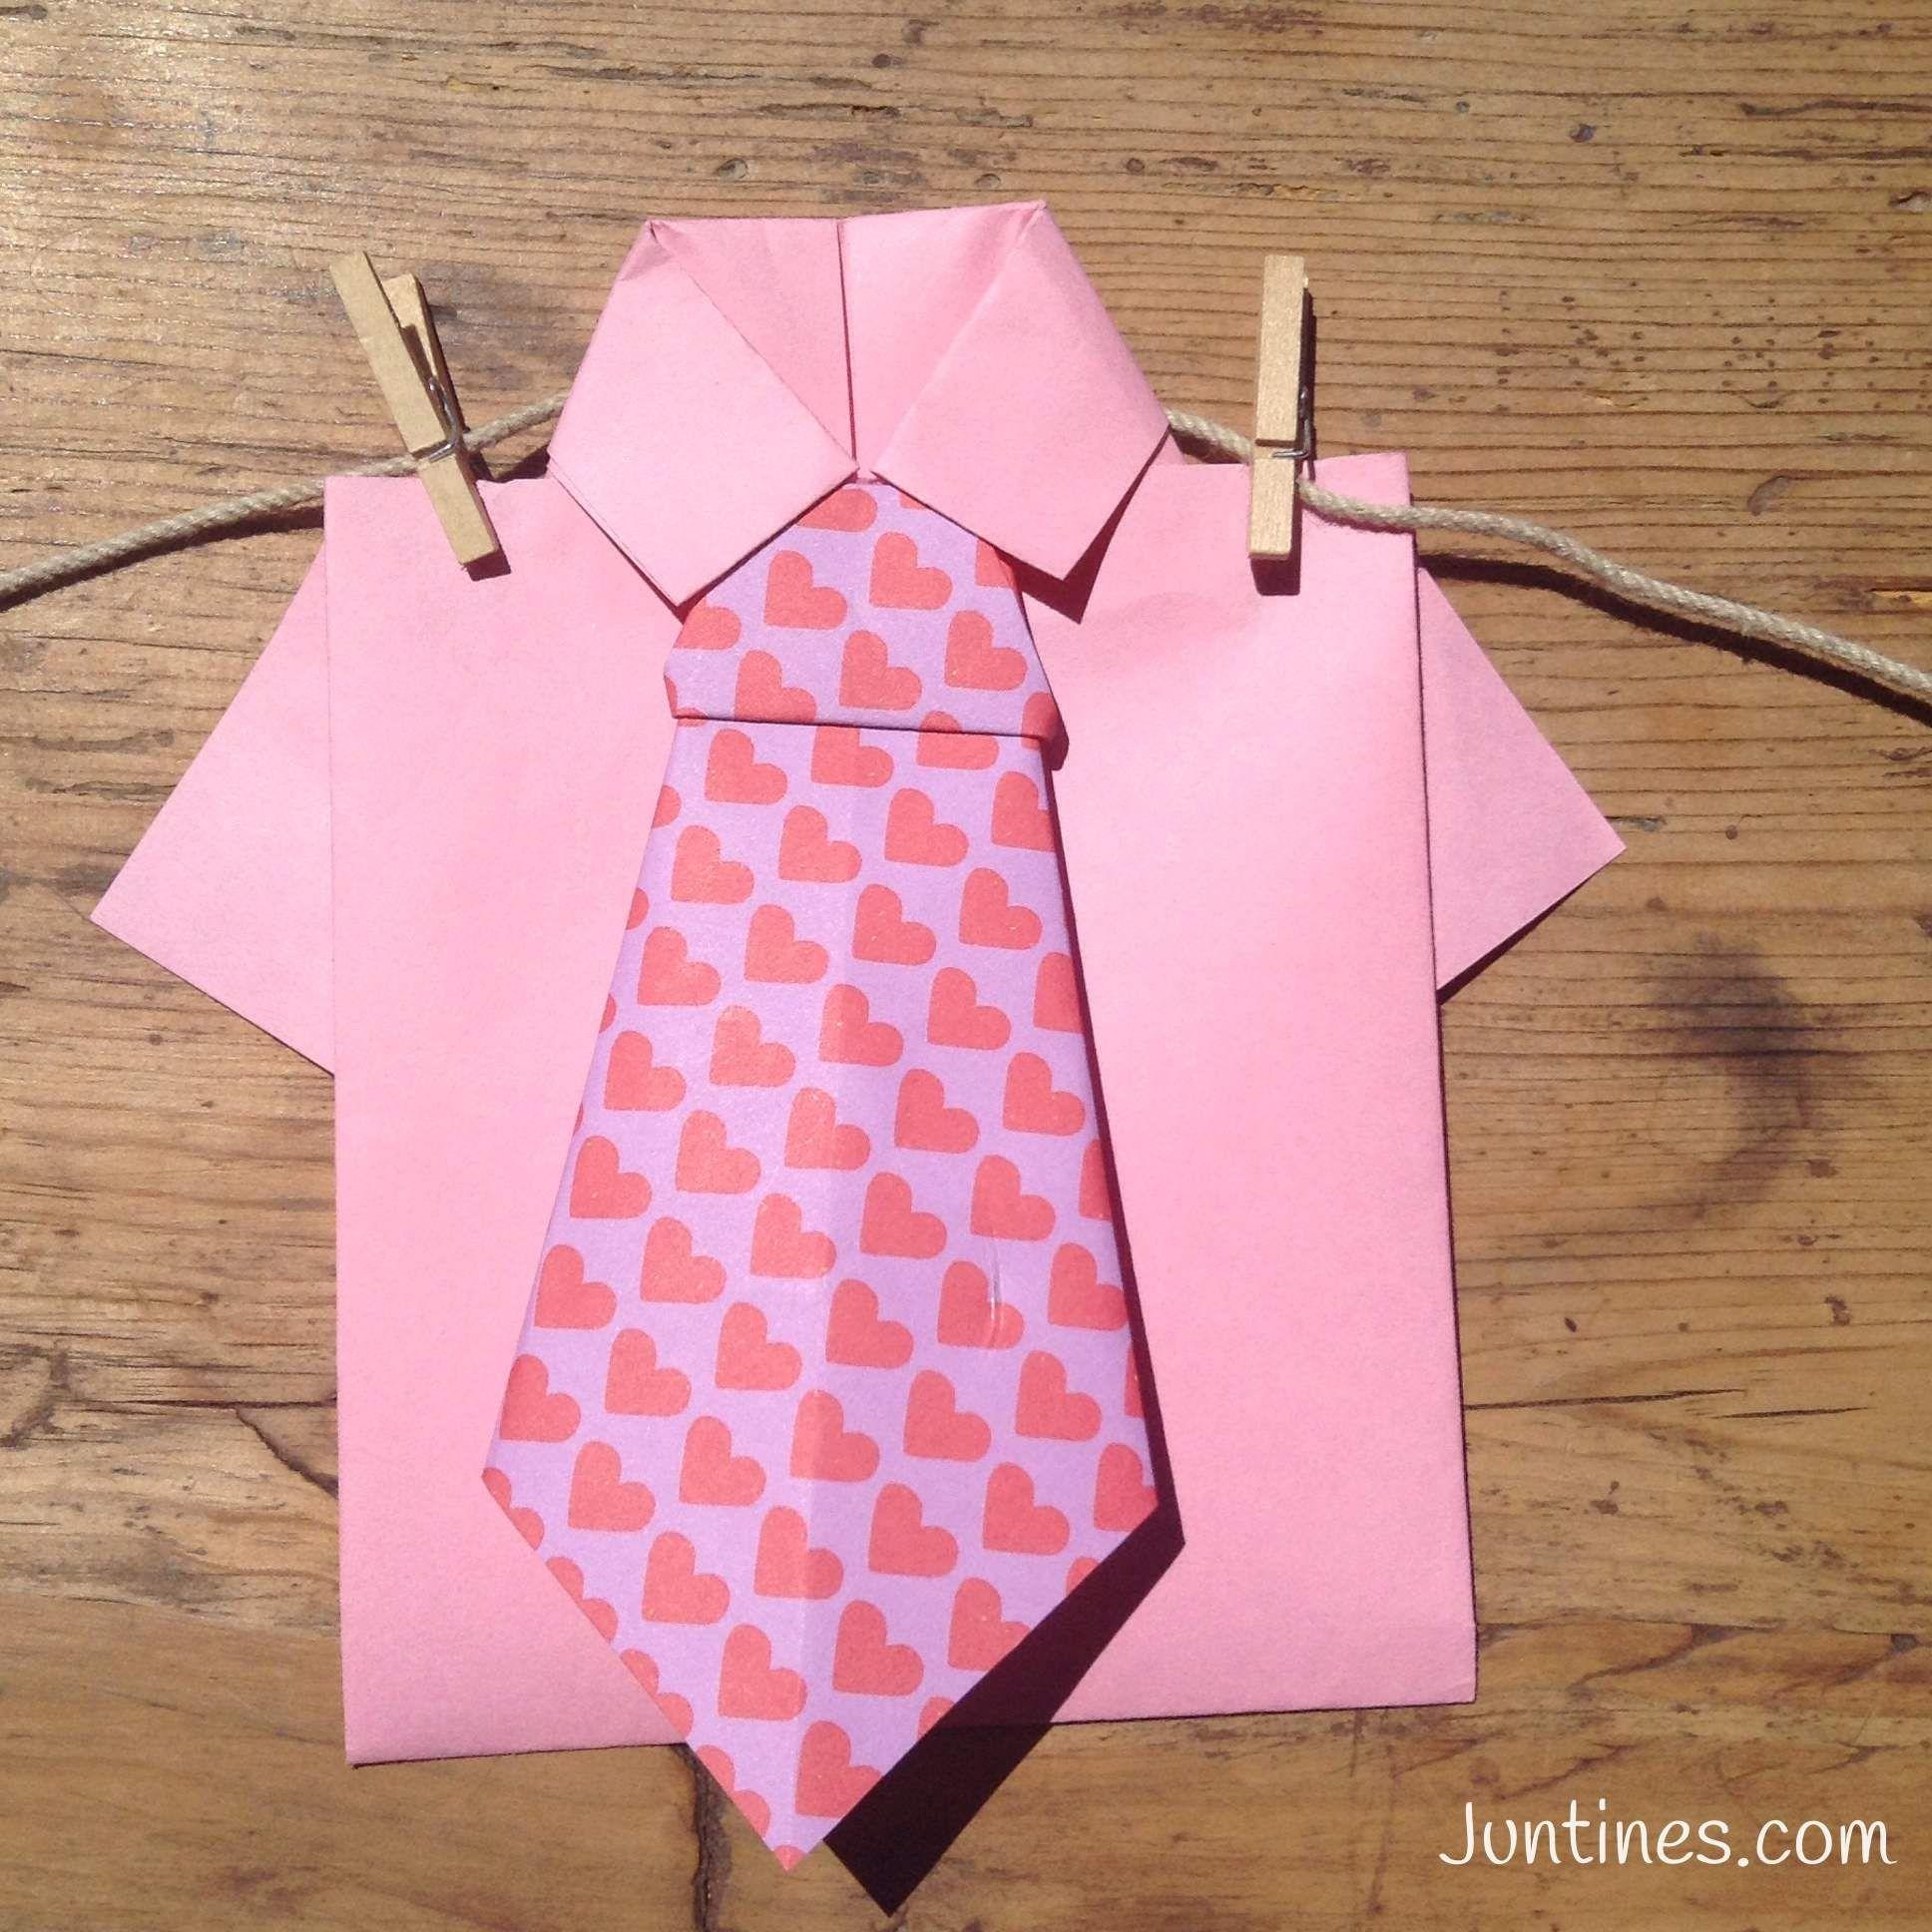 Corbata de origami origami tie origami f cil para ni os - Manualidades de papel ...